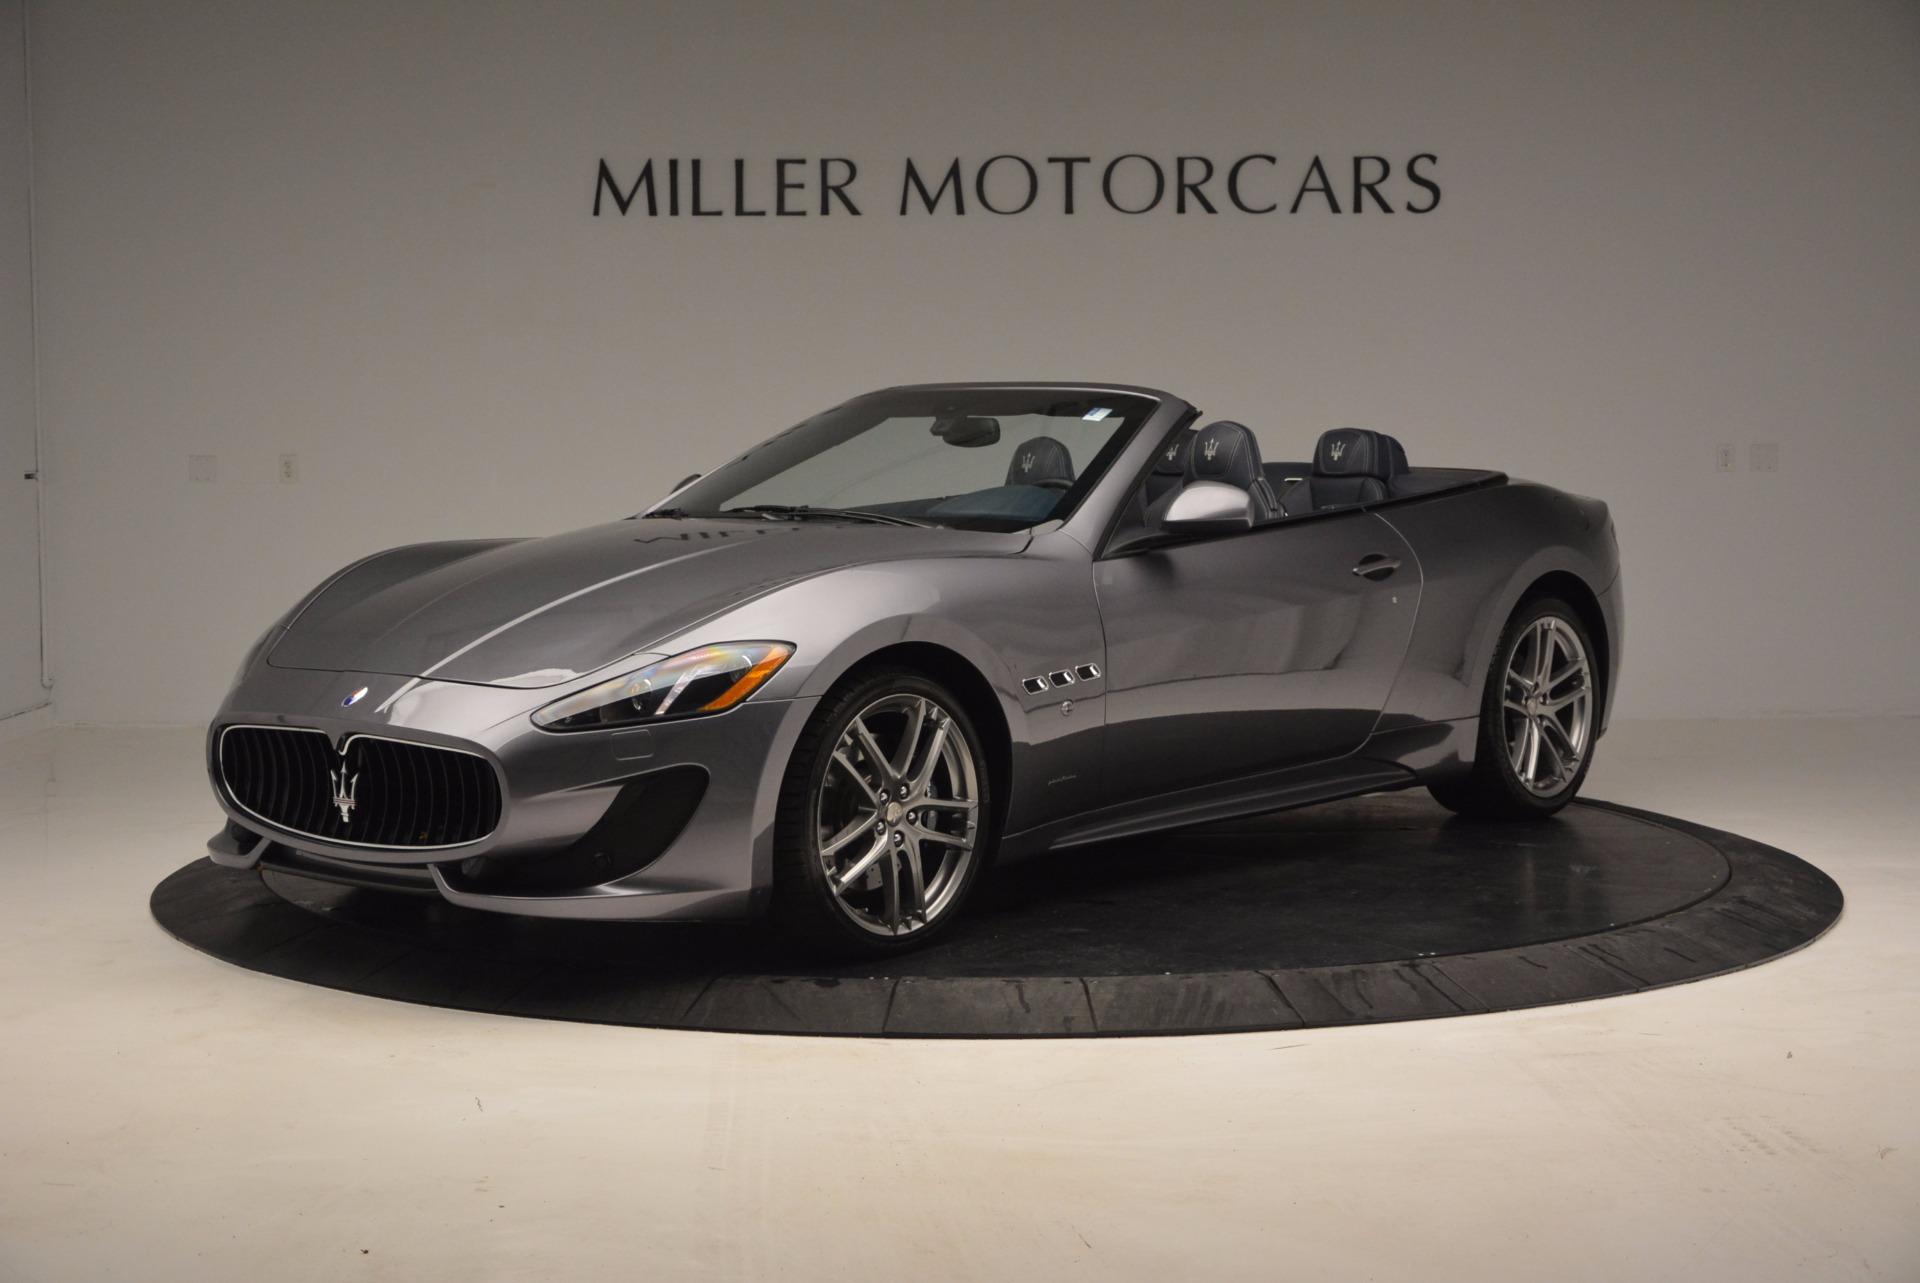 New 2017 Maserati GranTurismo Sport for sale Sold at Aston Martin of Greenwich in Greenwich CT 06830 1